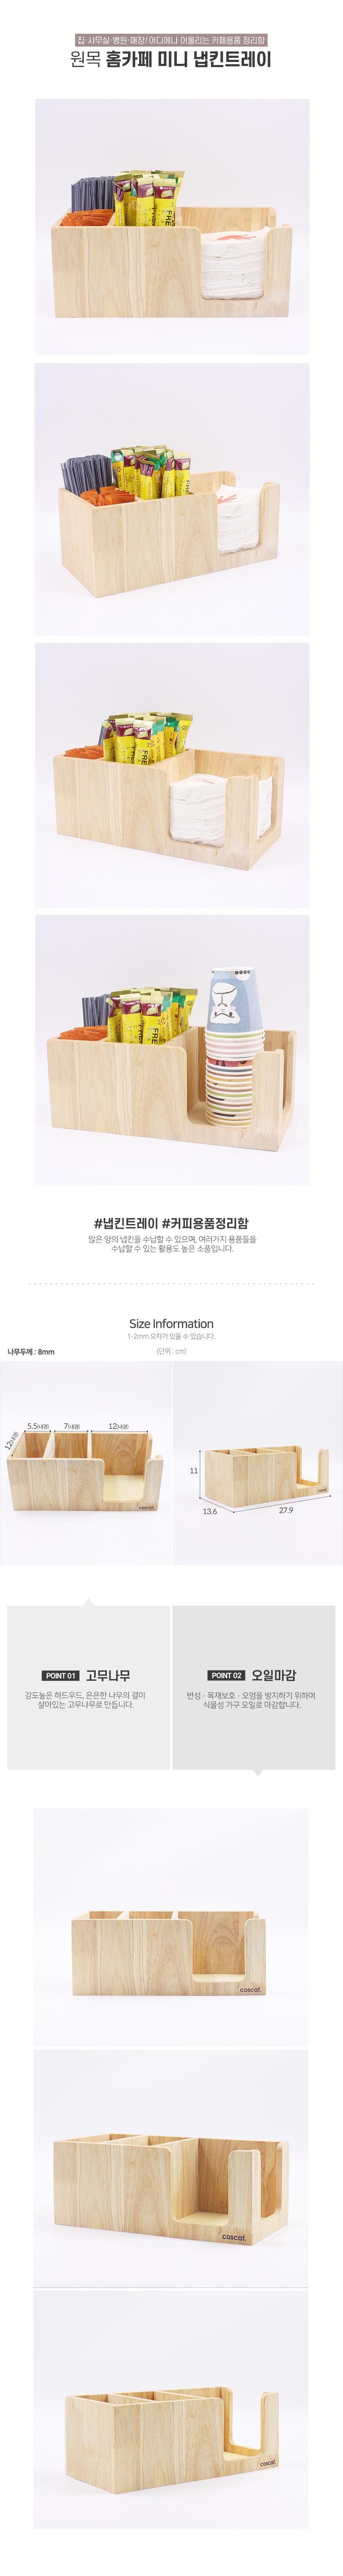 미니냅킨트레이 - 디자인엔씨, 39,600원, 주방수납용품, 수납함